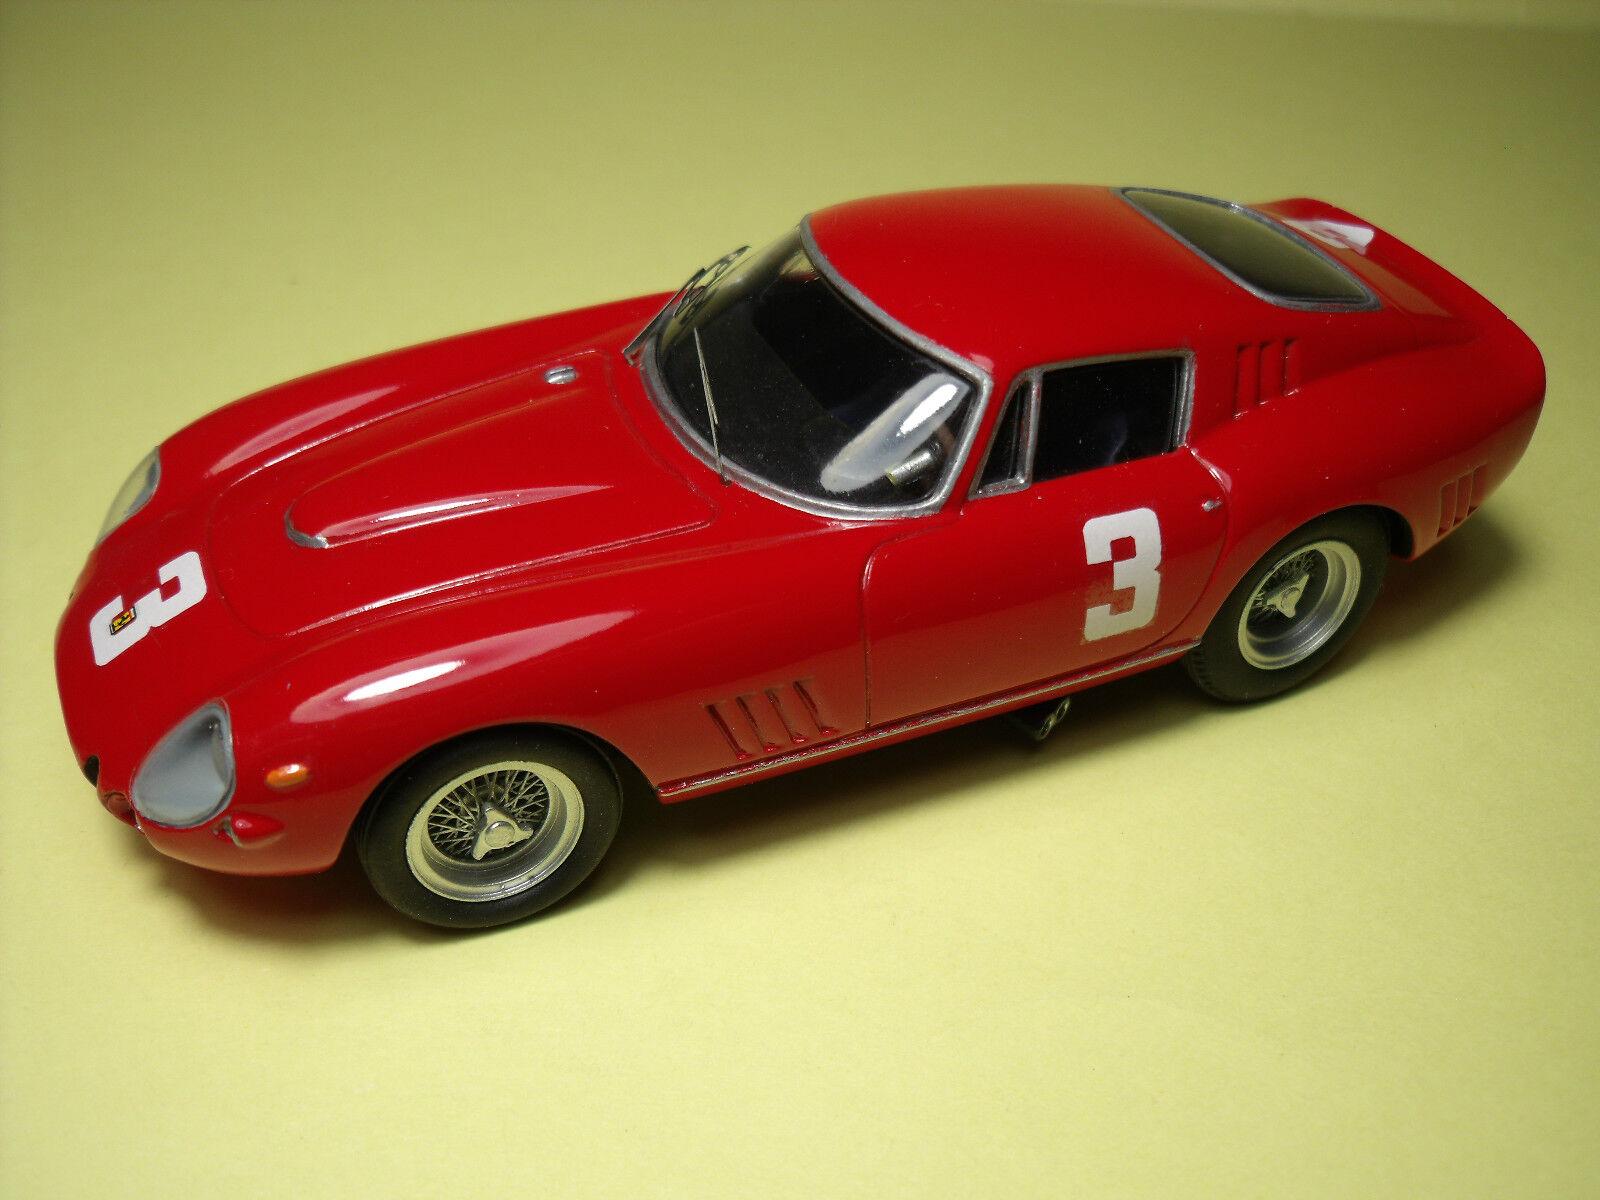 Ferrari 275 gtbc nürburgring 1965 um 1   43 unlackiert kit kein funke